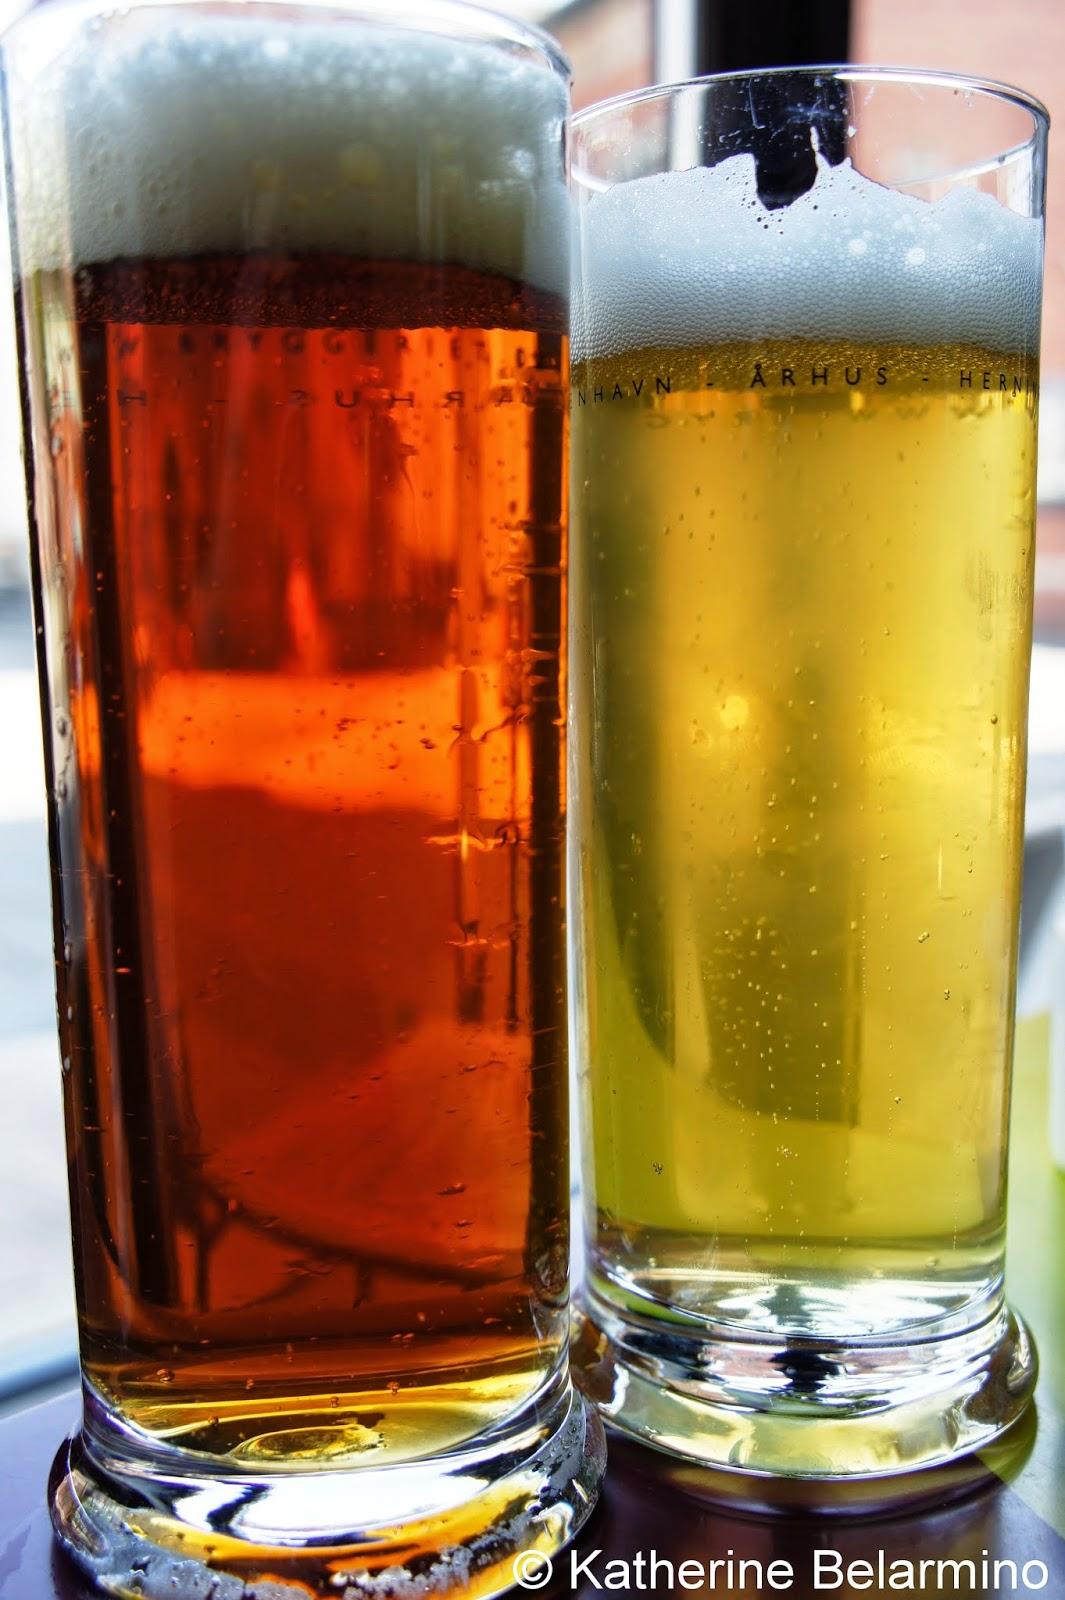 Danish Beer Sct. Clemens Brewery Aarhus Denmark